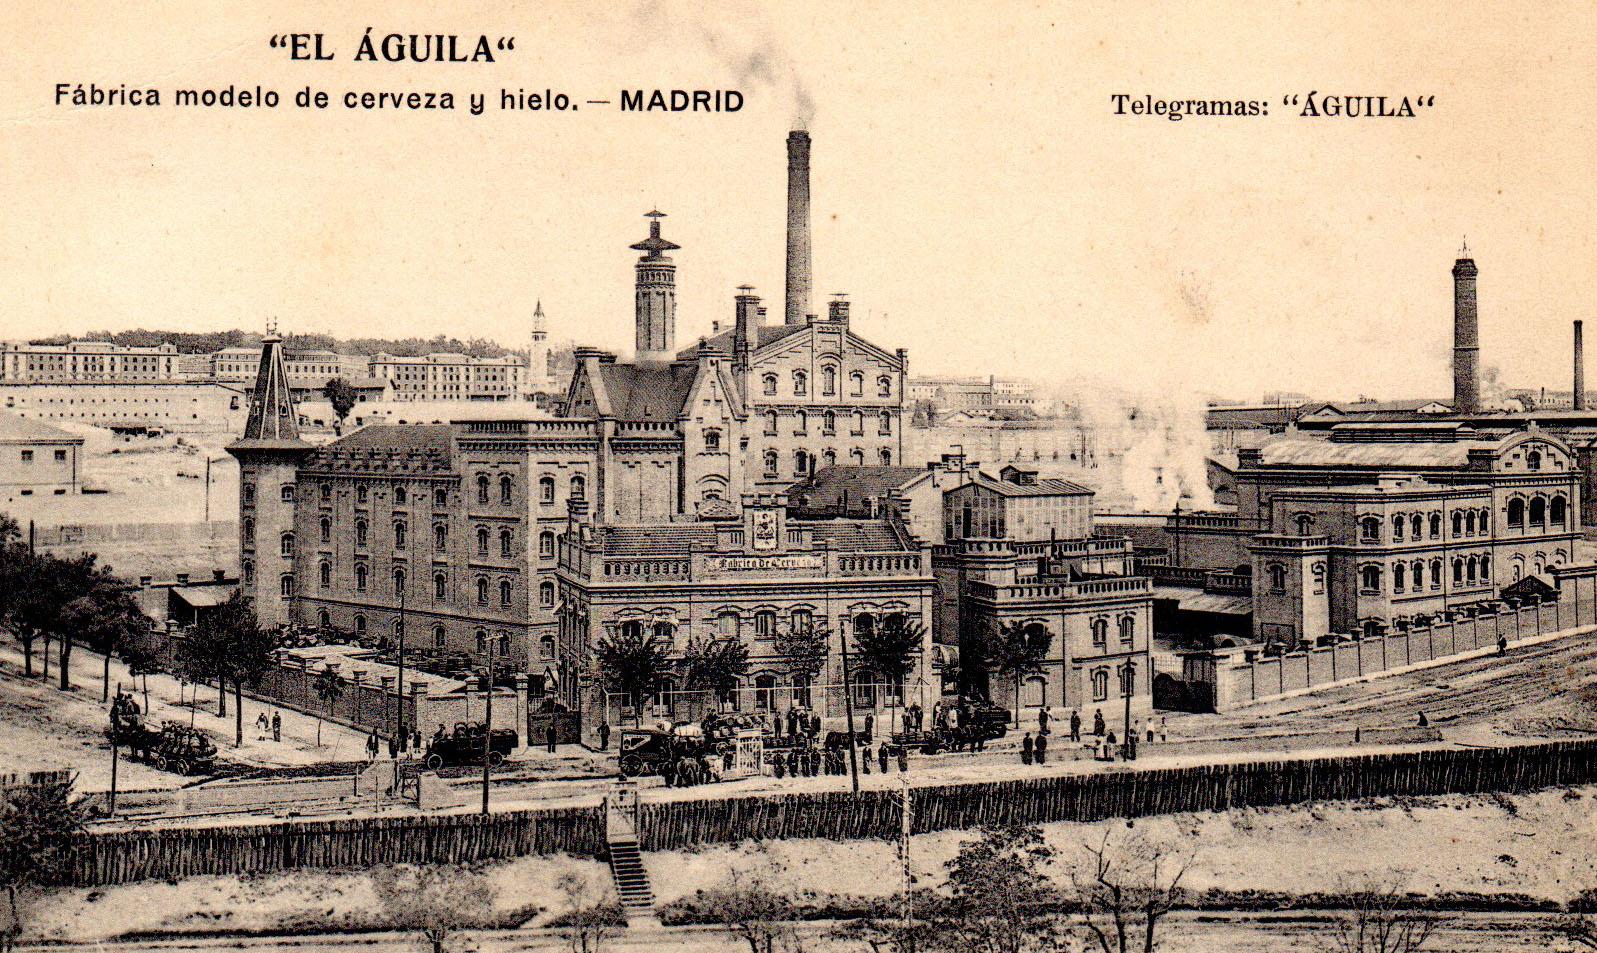 Caminando por madrid las f bricas de cerveza de madrid - Fabricas de cristal en espana ...